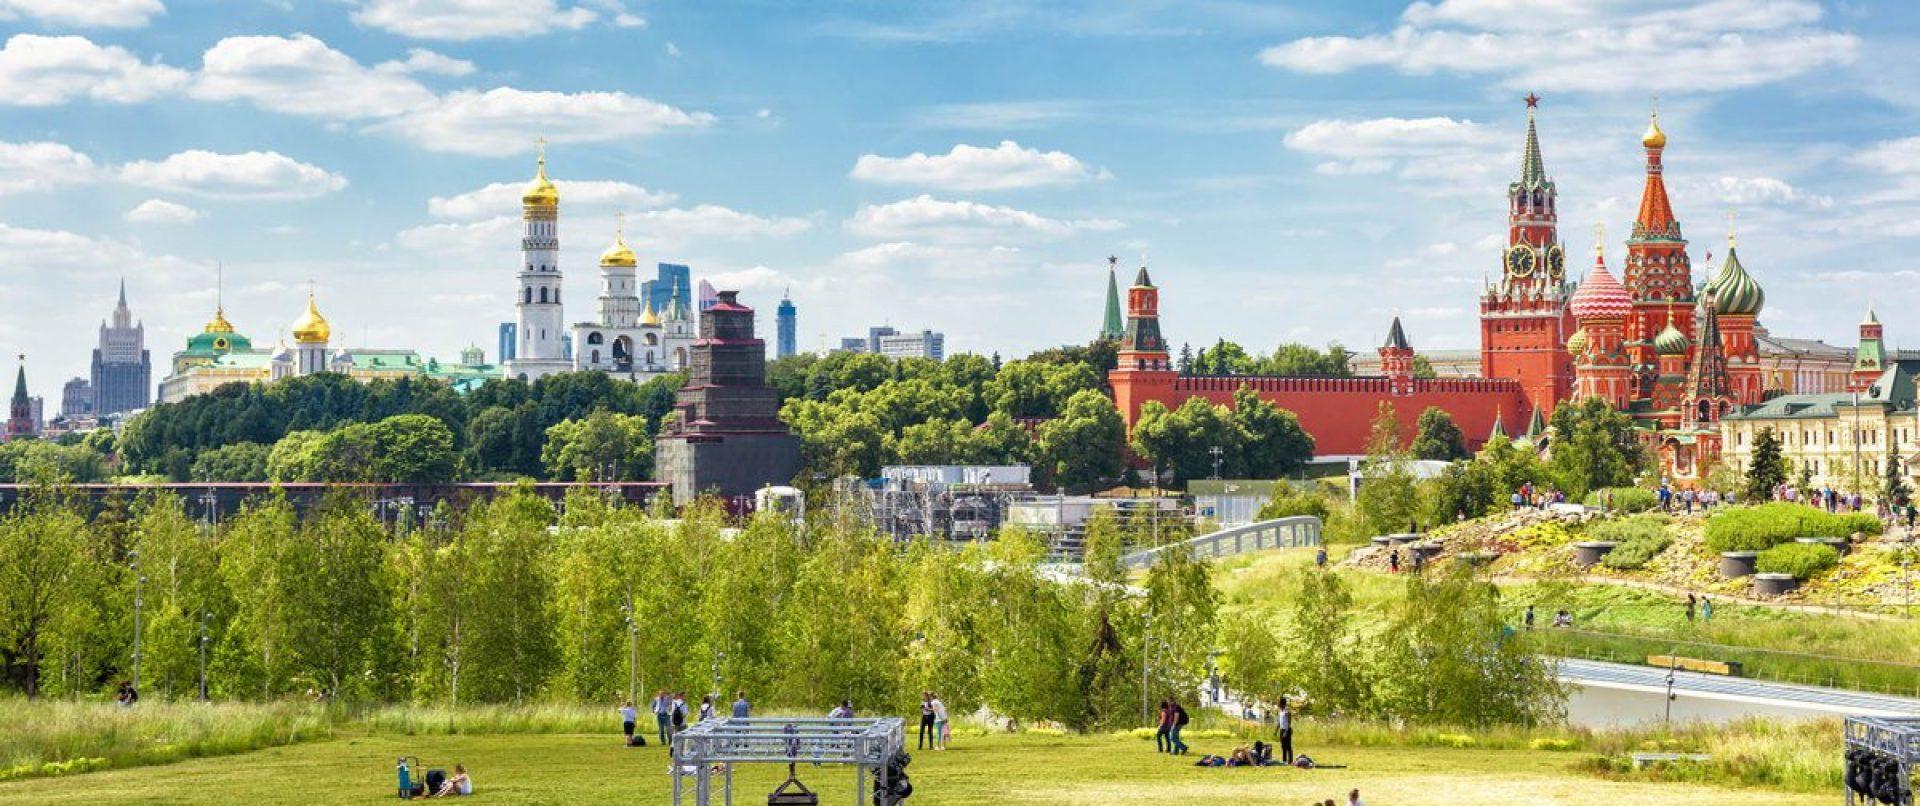 اريد التعاون مع المسلمين في الدعوة الى الاسلام بين الروس